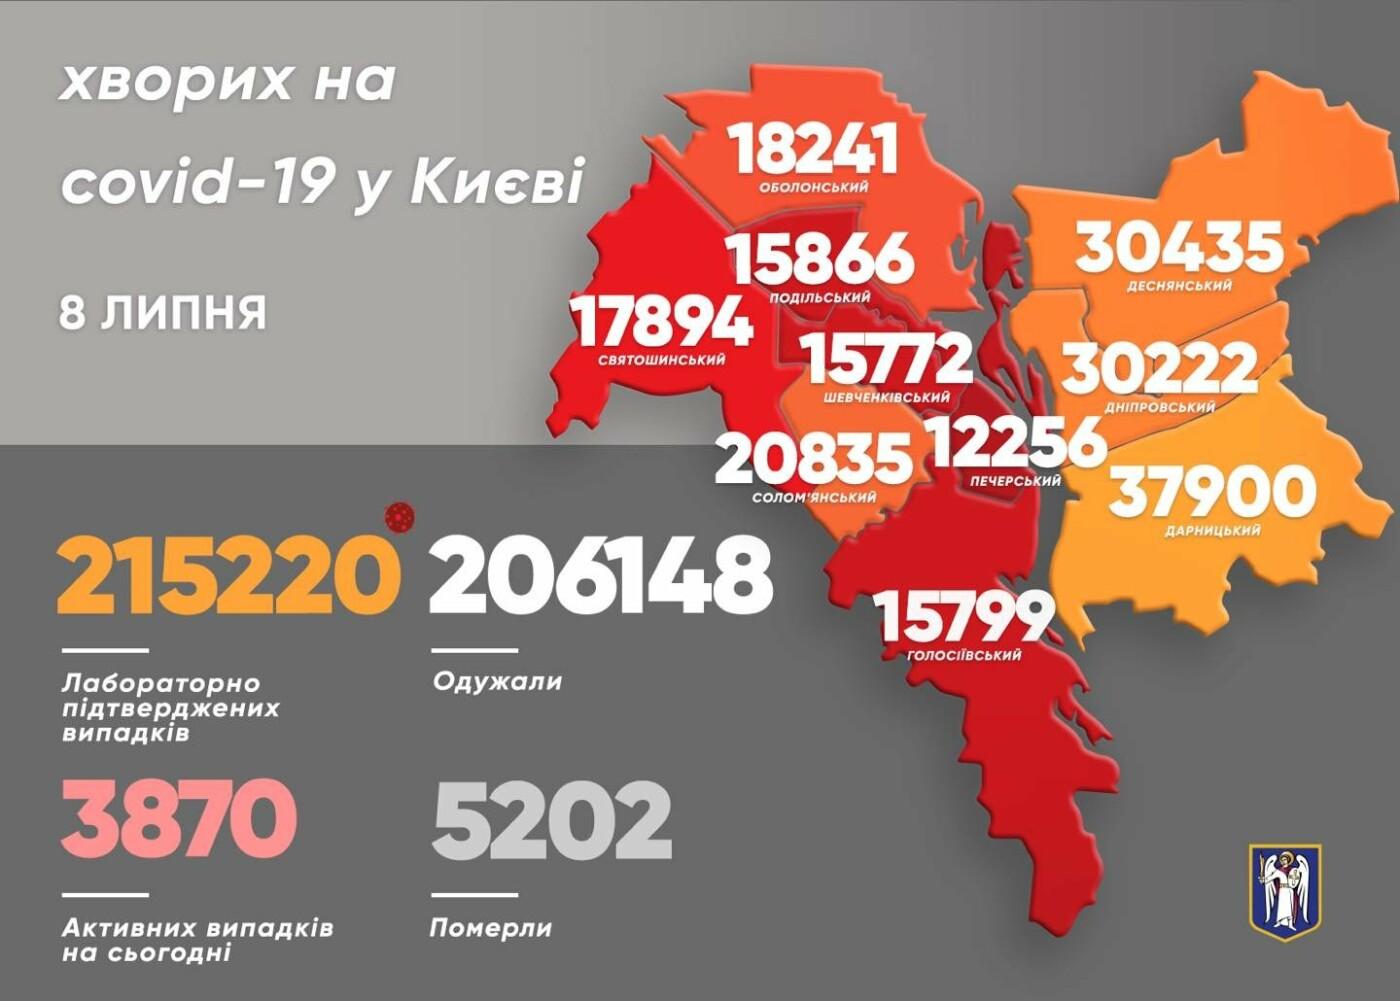 Статистика на 8 июля, Картинка: Виталий Кличко